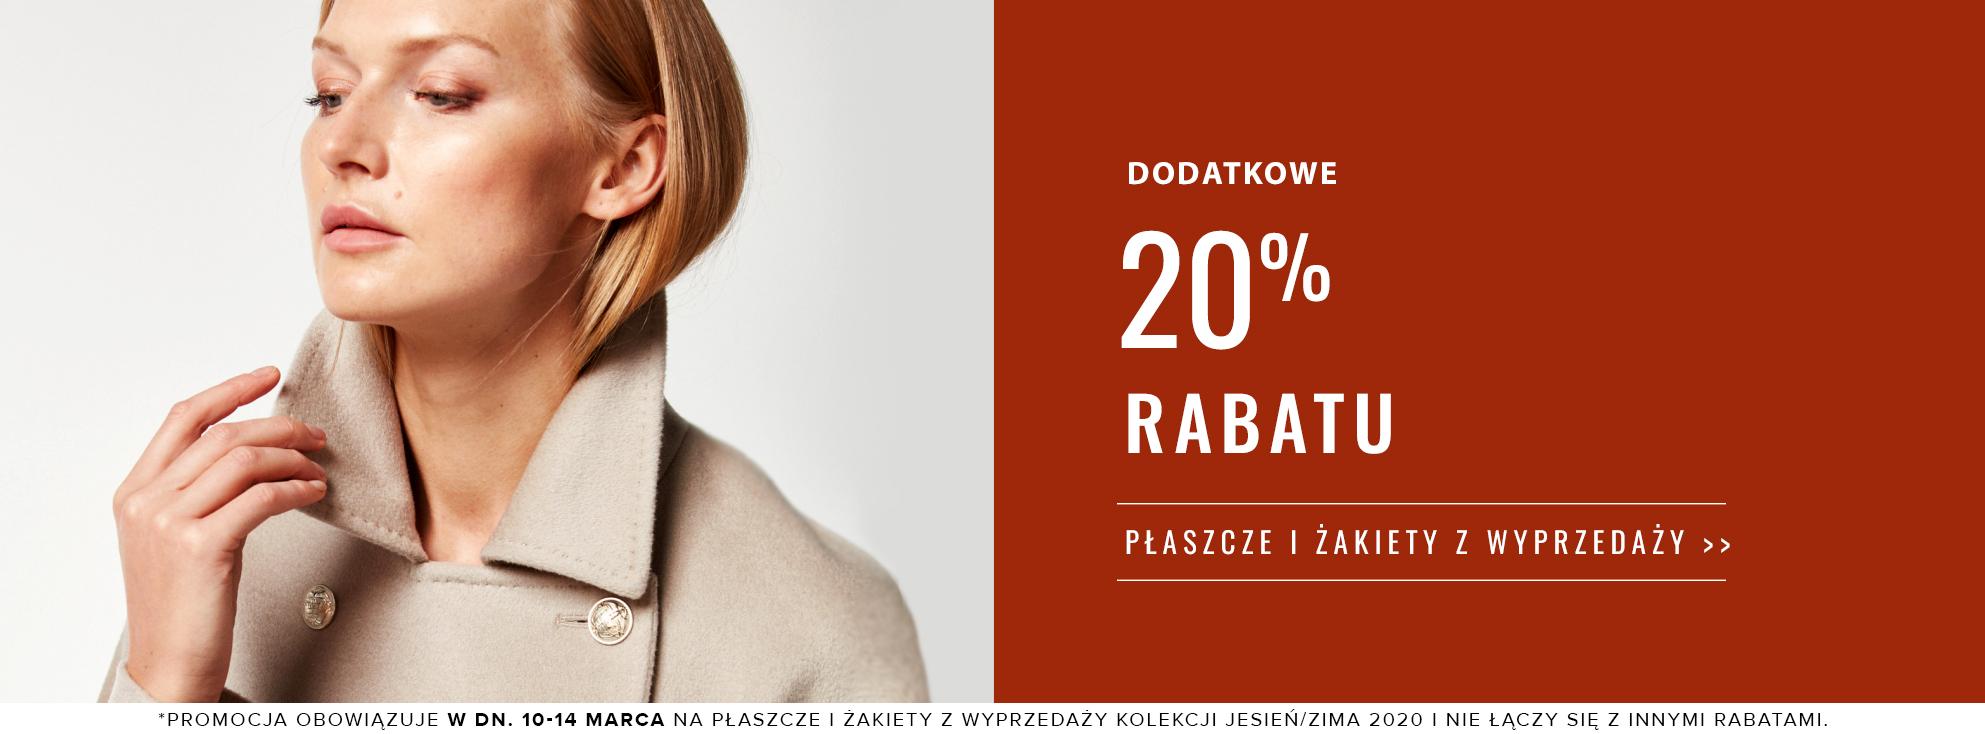 Patrizia Aryton: dodatkowe 20% rabatu na płaszcze i żakiety damskie z wyprzedaży